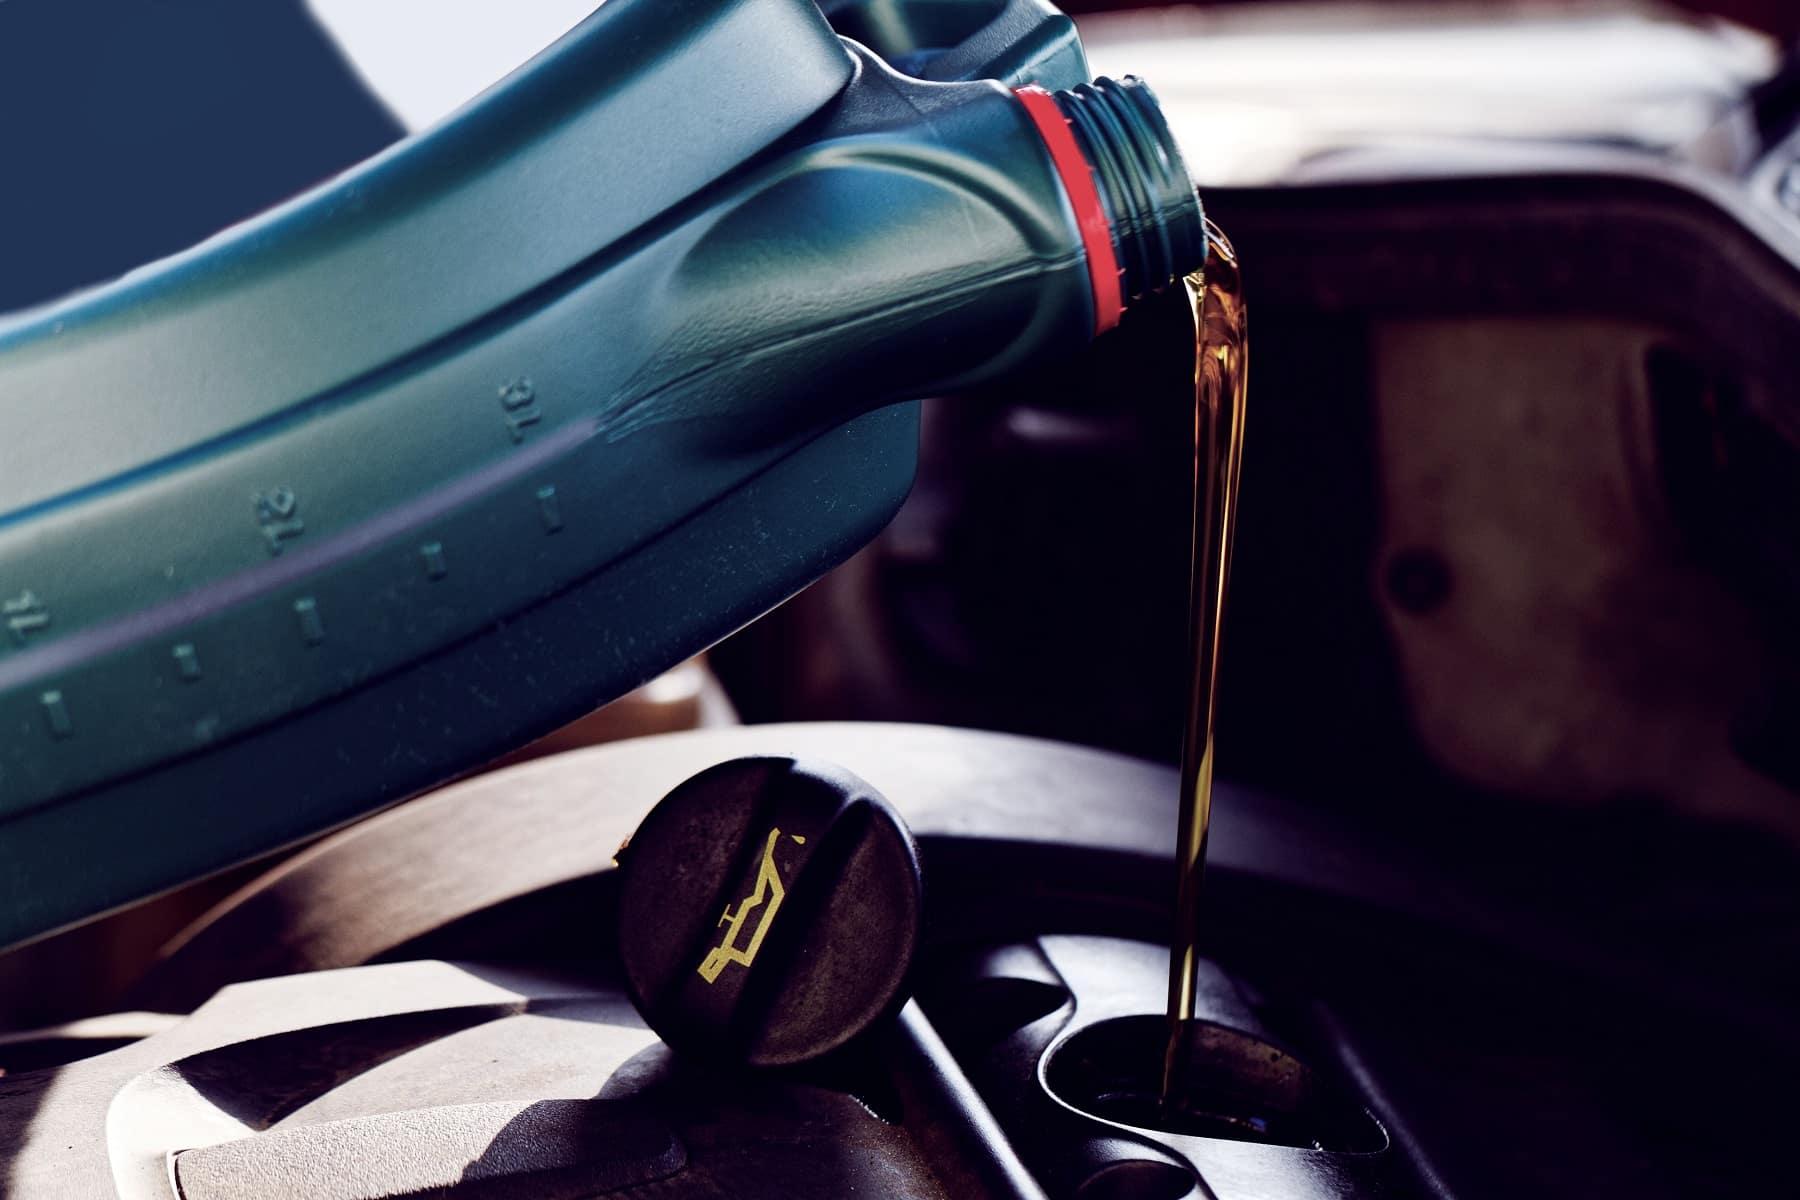 Oil Pour Into Car